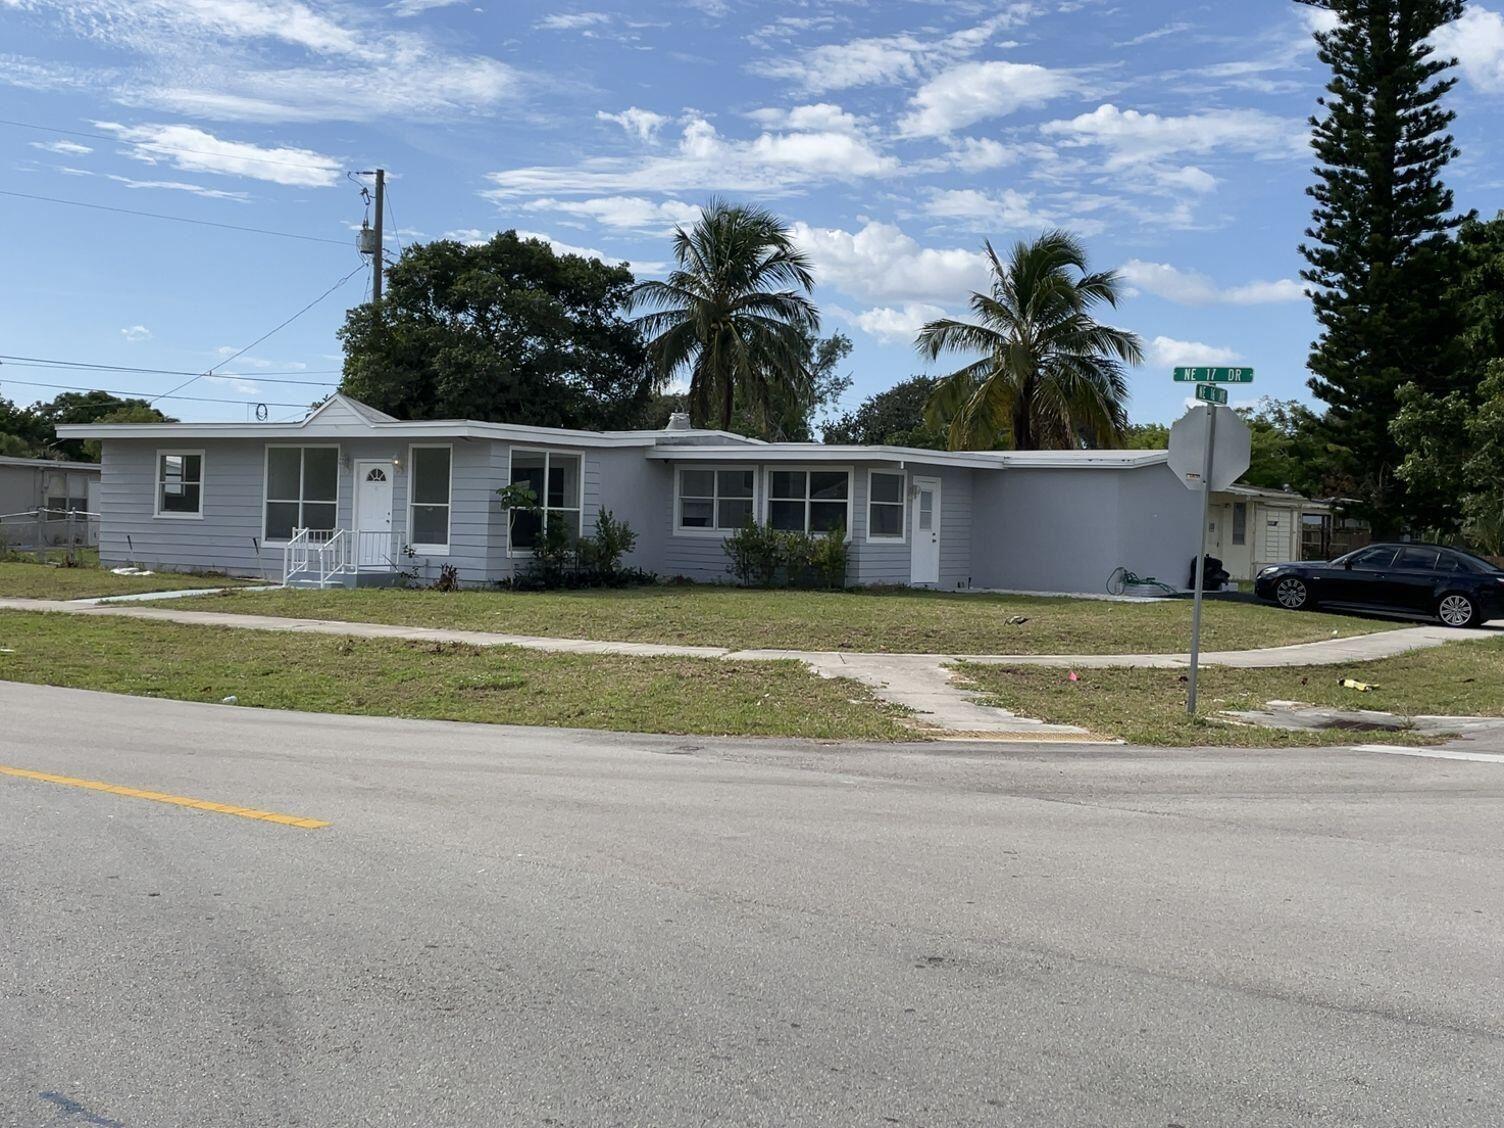 Photo of 4896 NE 16th Avenue, Pompano Beach, FL 33064 (MLS # RX-10753746)